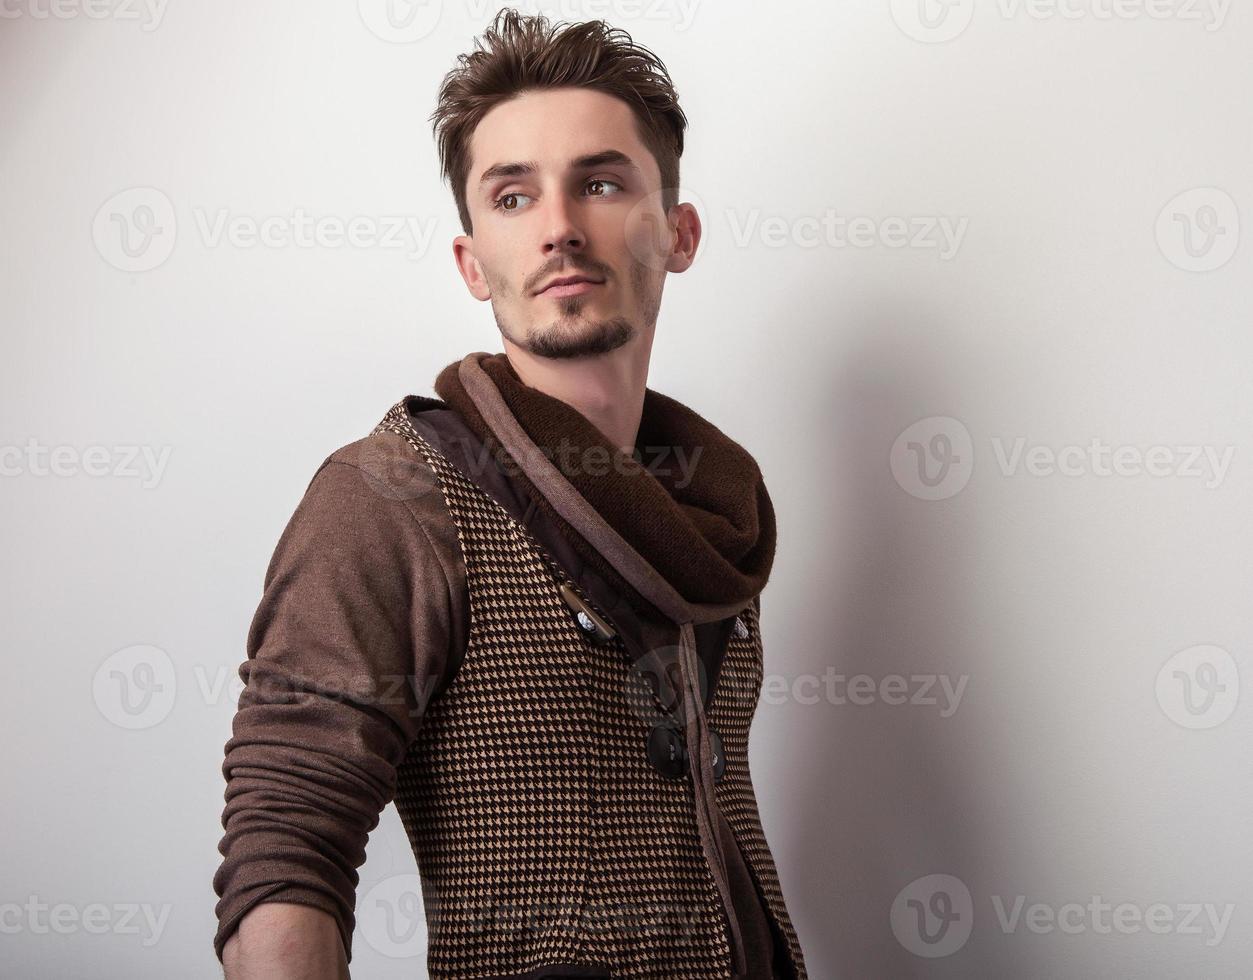 séduisant jeune homme en pull marron. photo